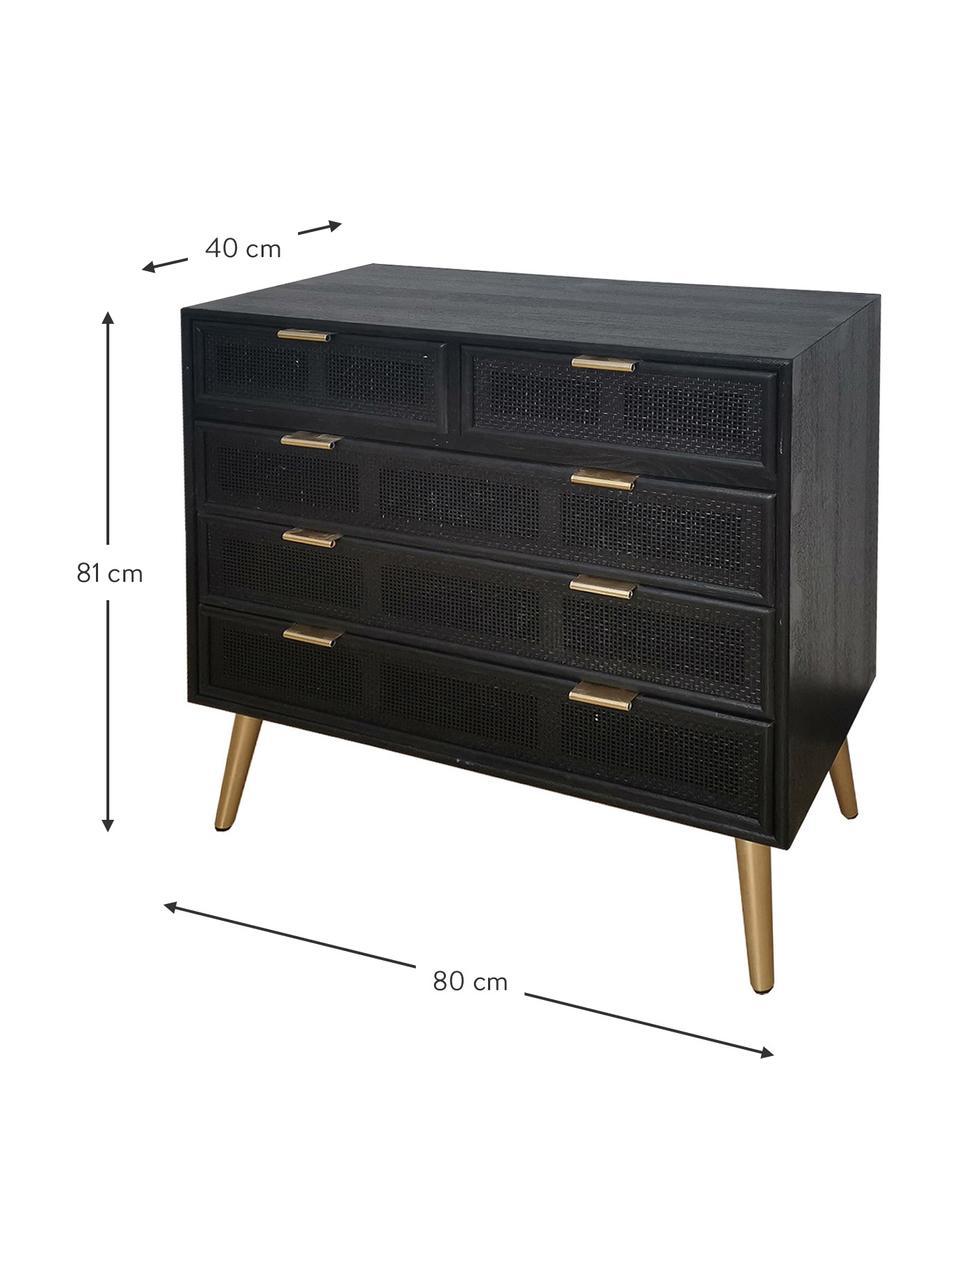 Ladekast Cayetana van hout, Frame: gelakt MDF, Poten: bamboehout, gelakt, Handvatten: gelakt metaal, Zwart, 80 x 81 cm